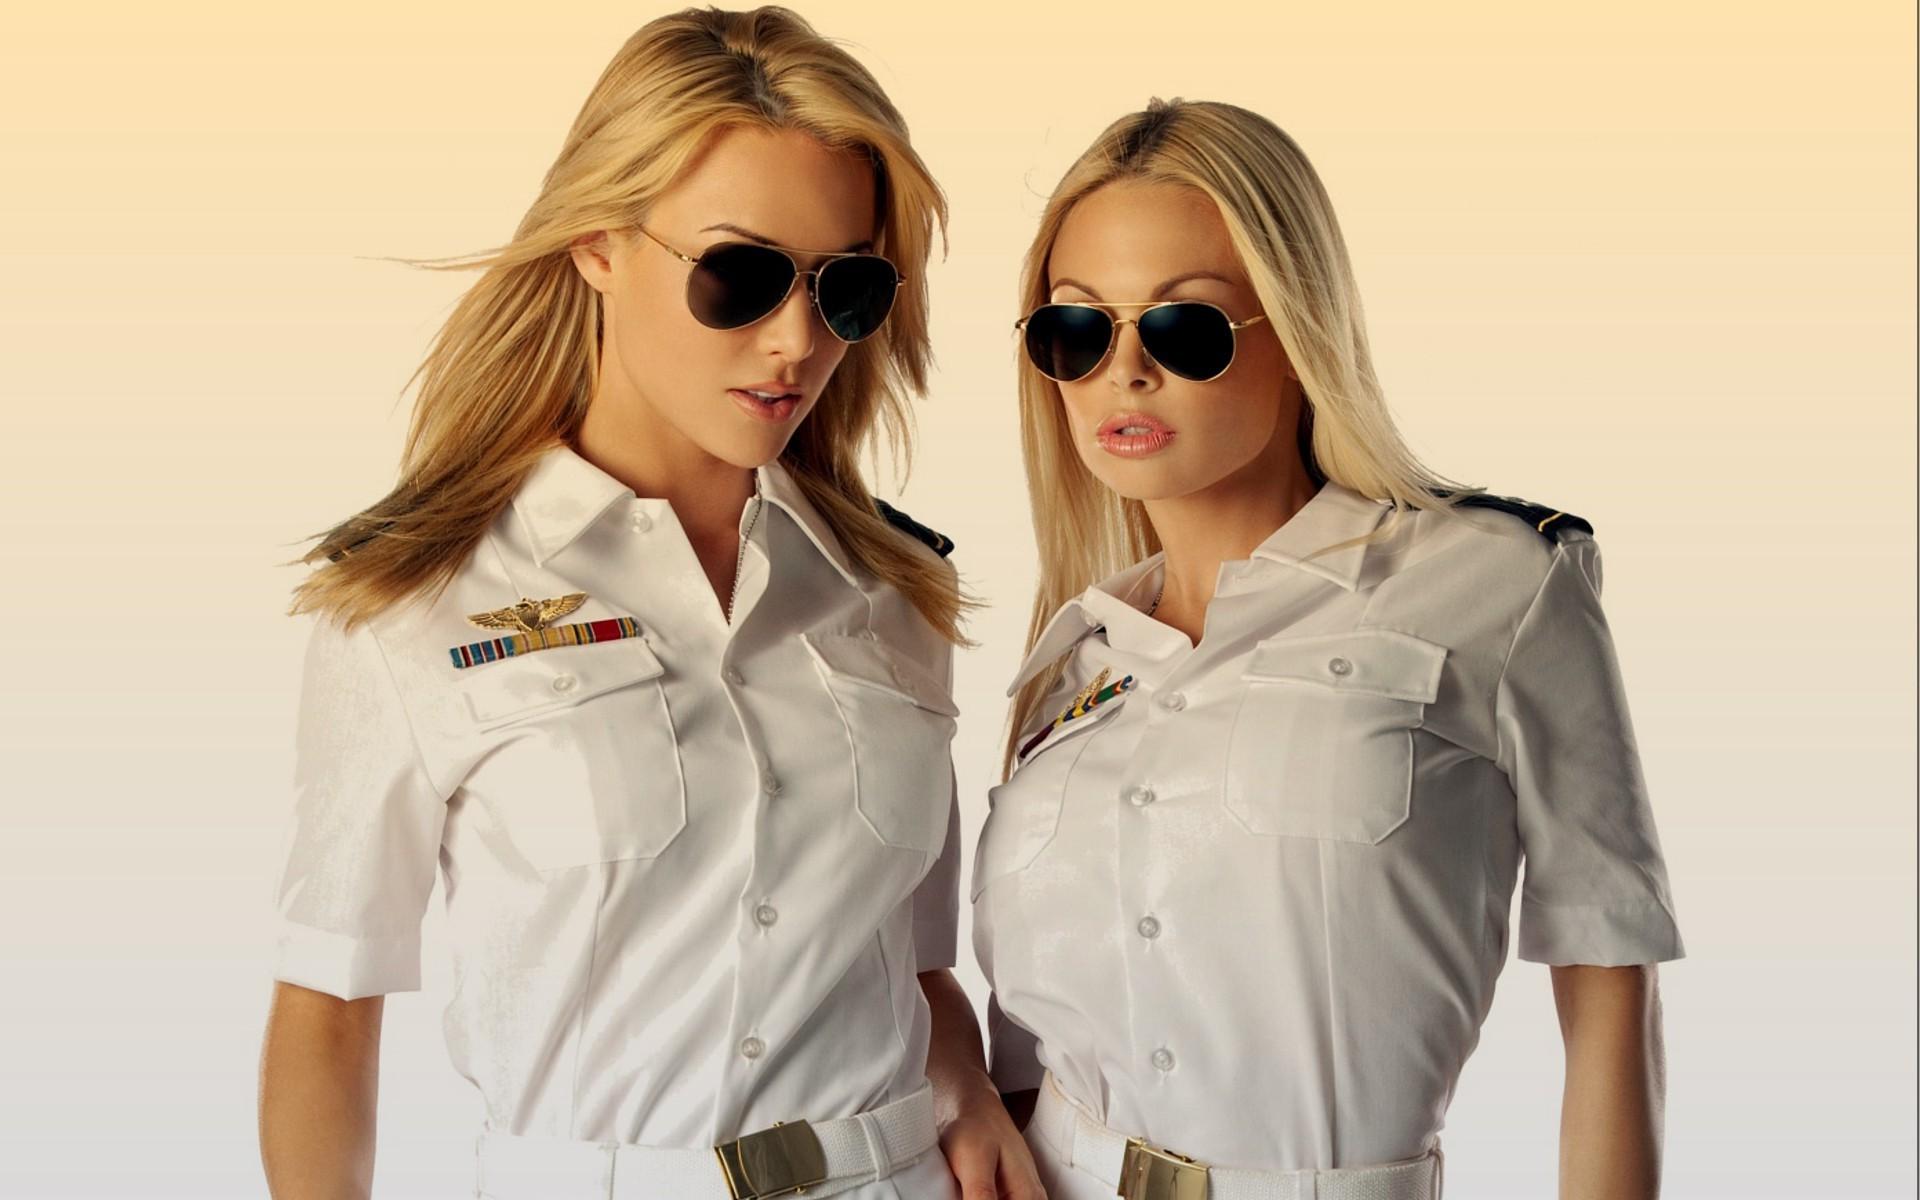 Wallpaper white model blonde glasses star jacket shirt